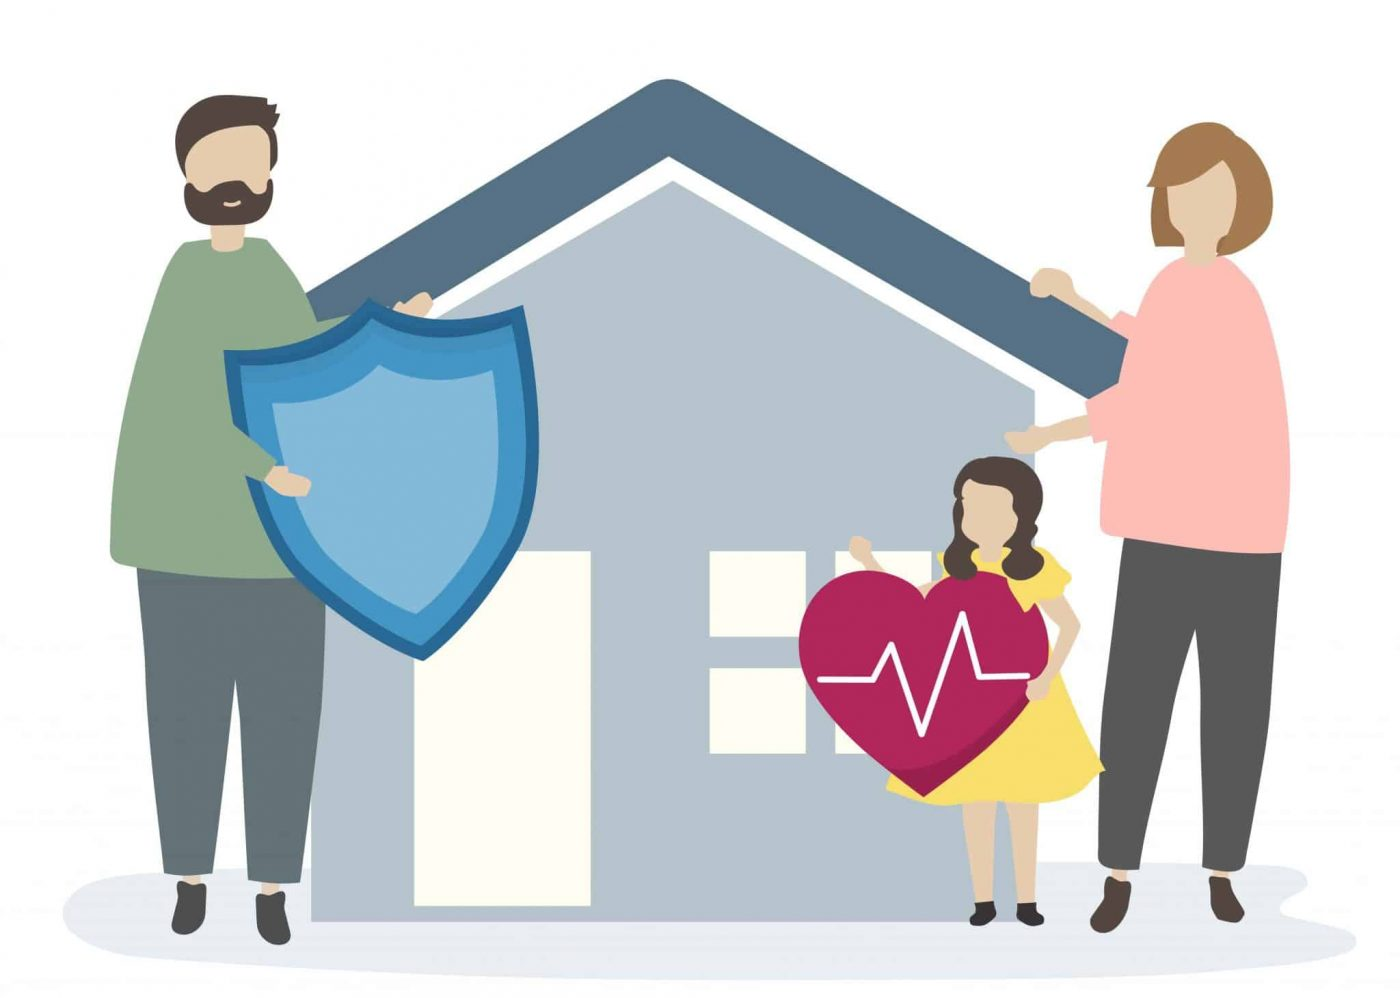 ביטוח חיים וביטוח משכנתא האם יש קשר ביניהם?